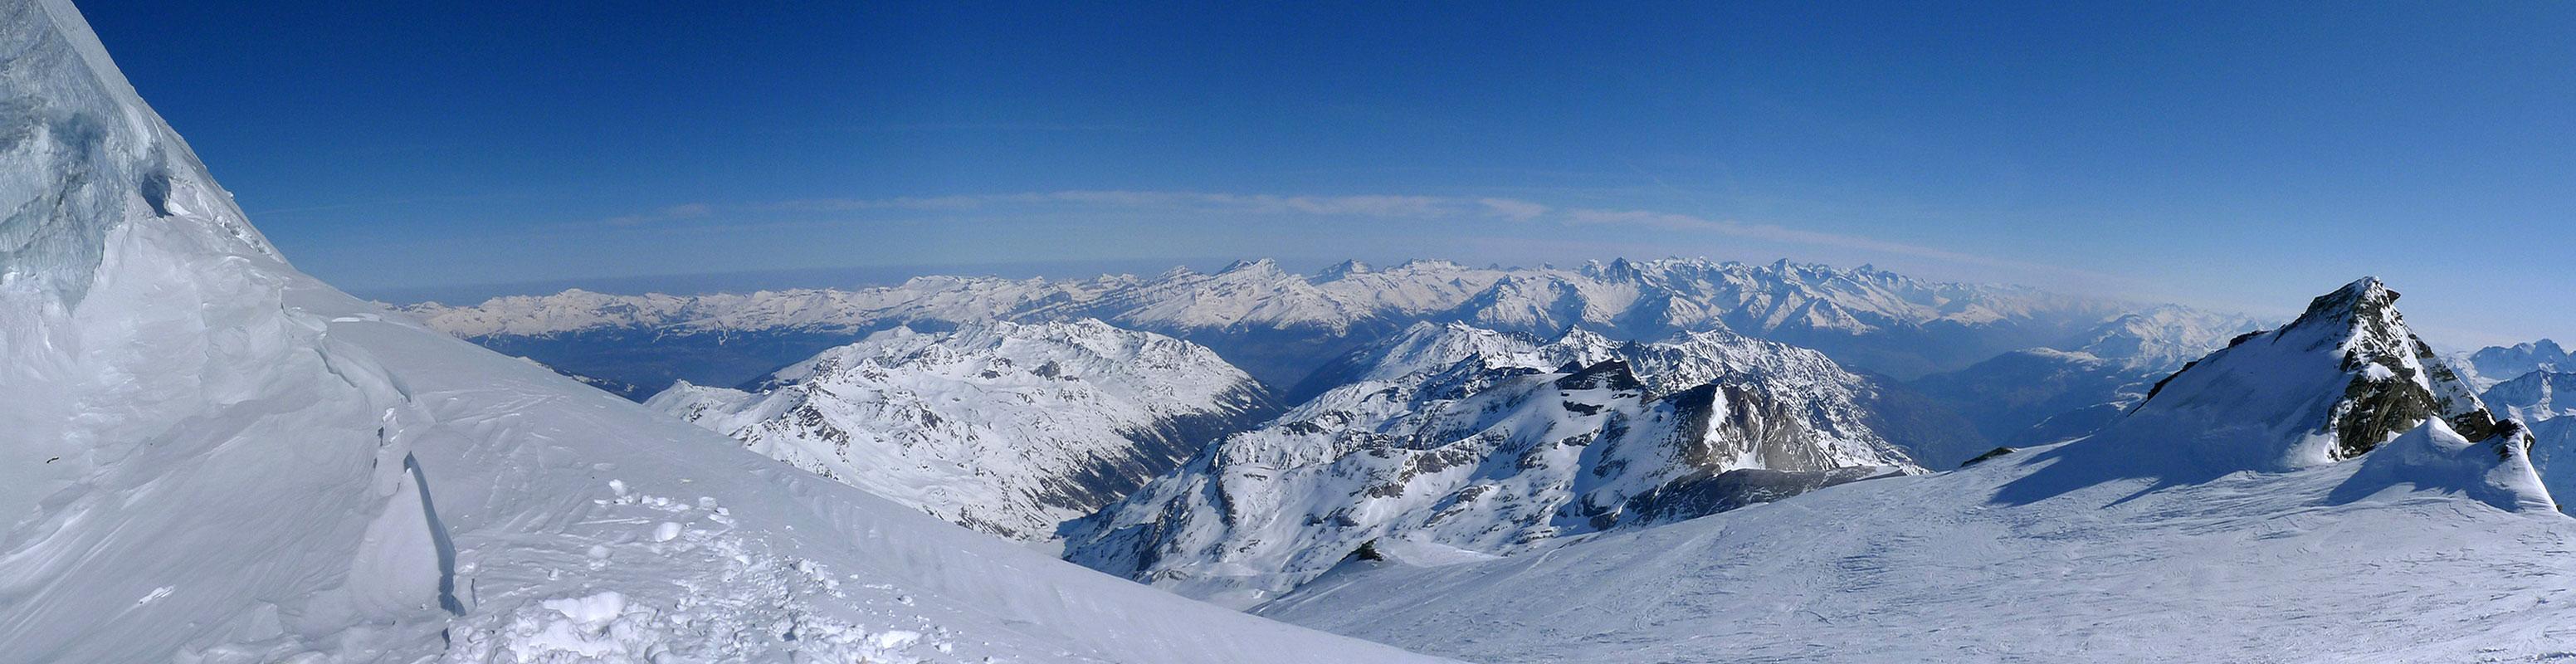 Bishorn Walliser Alpen / Alpes valaisannes Switzerland panorama 48